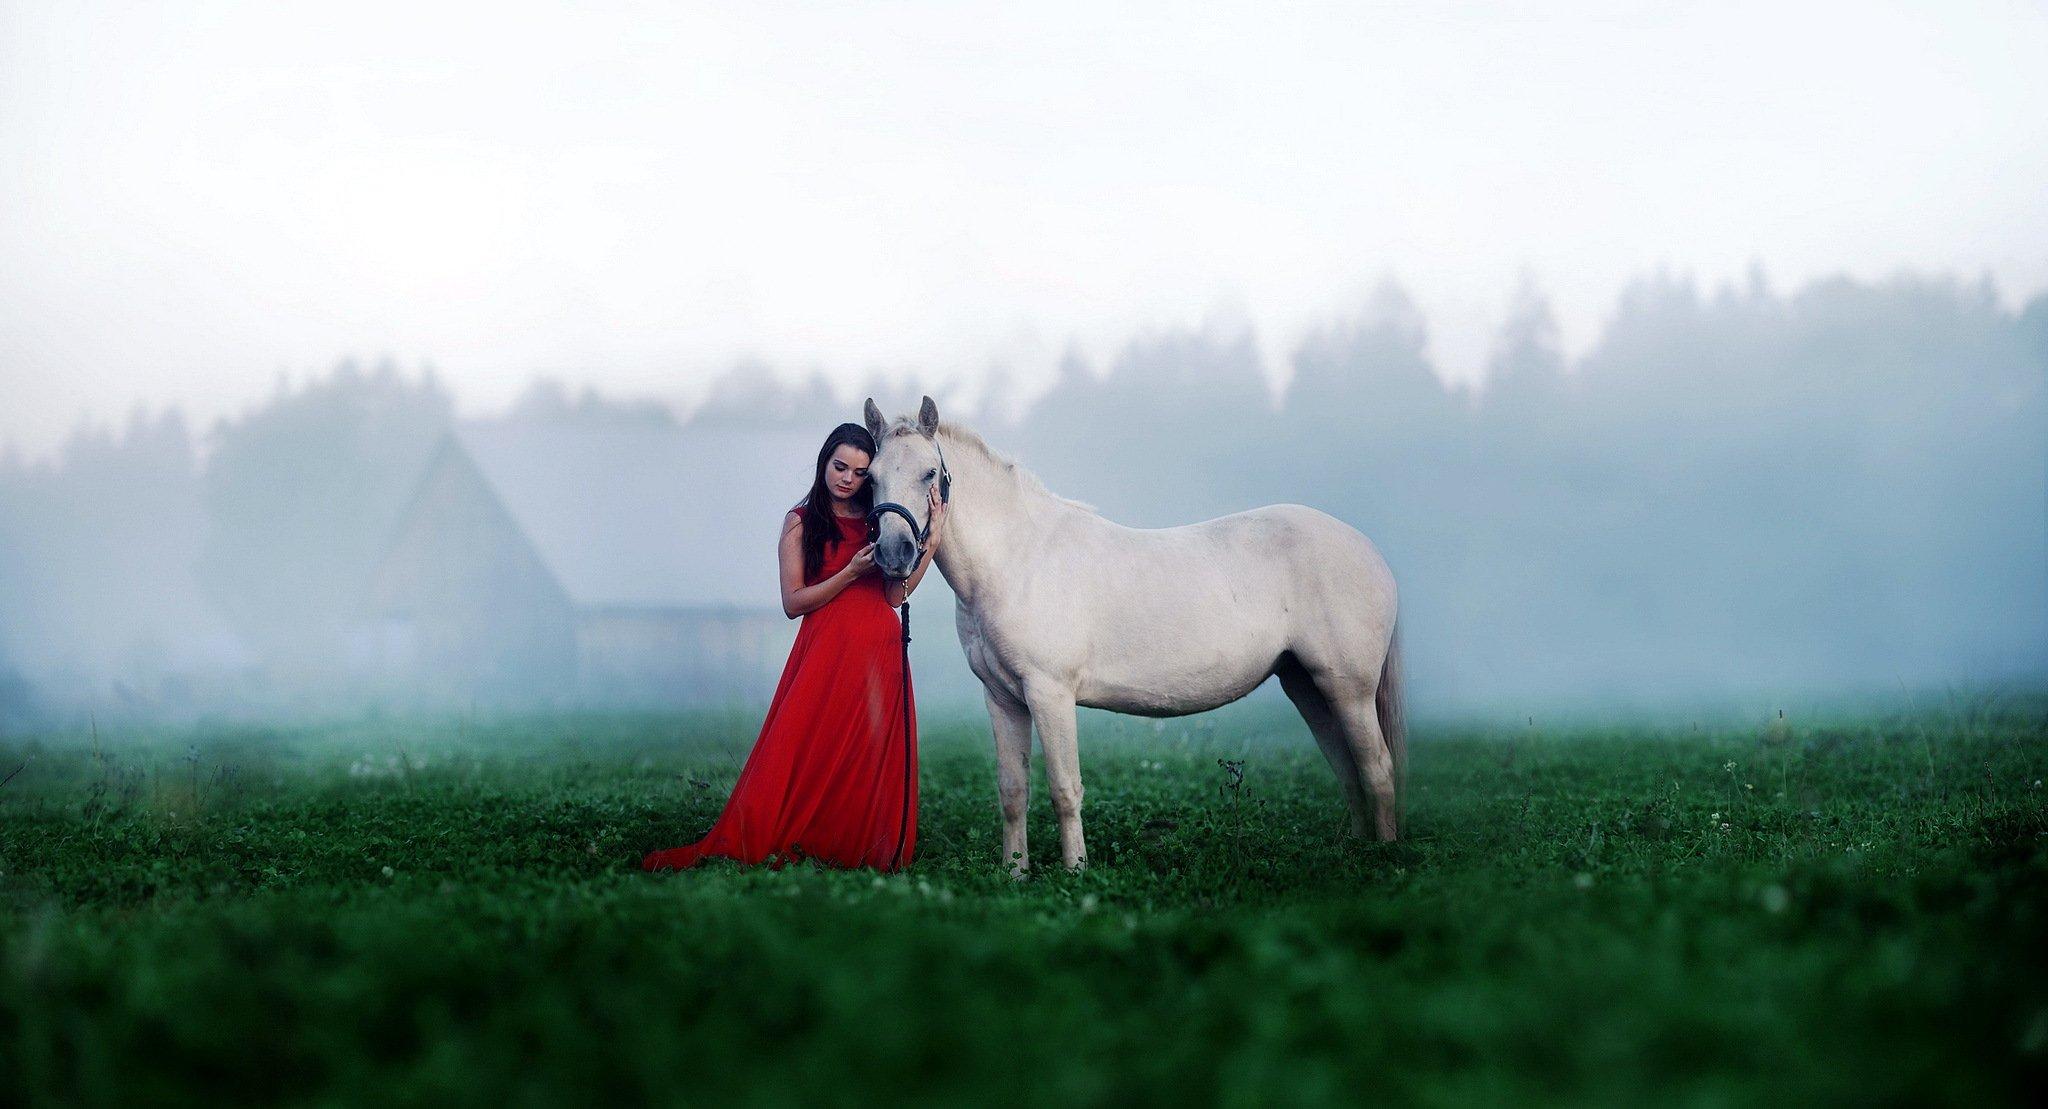 Брюнетка в шляпе с лошадью бесплатно